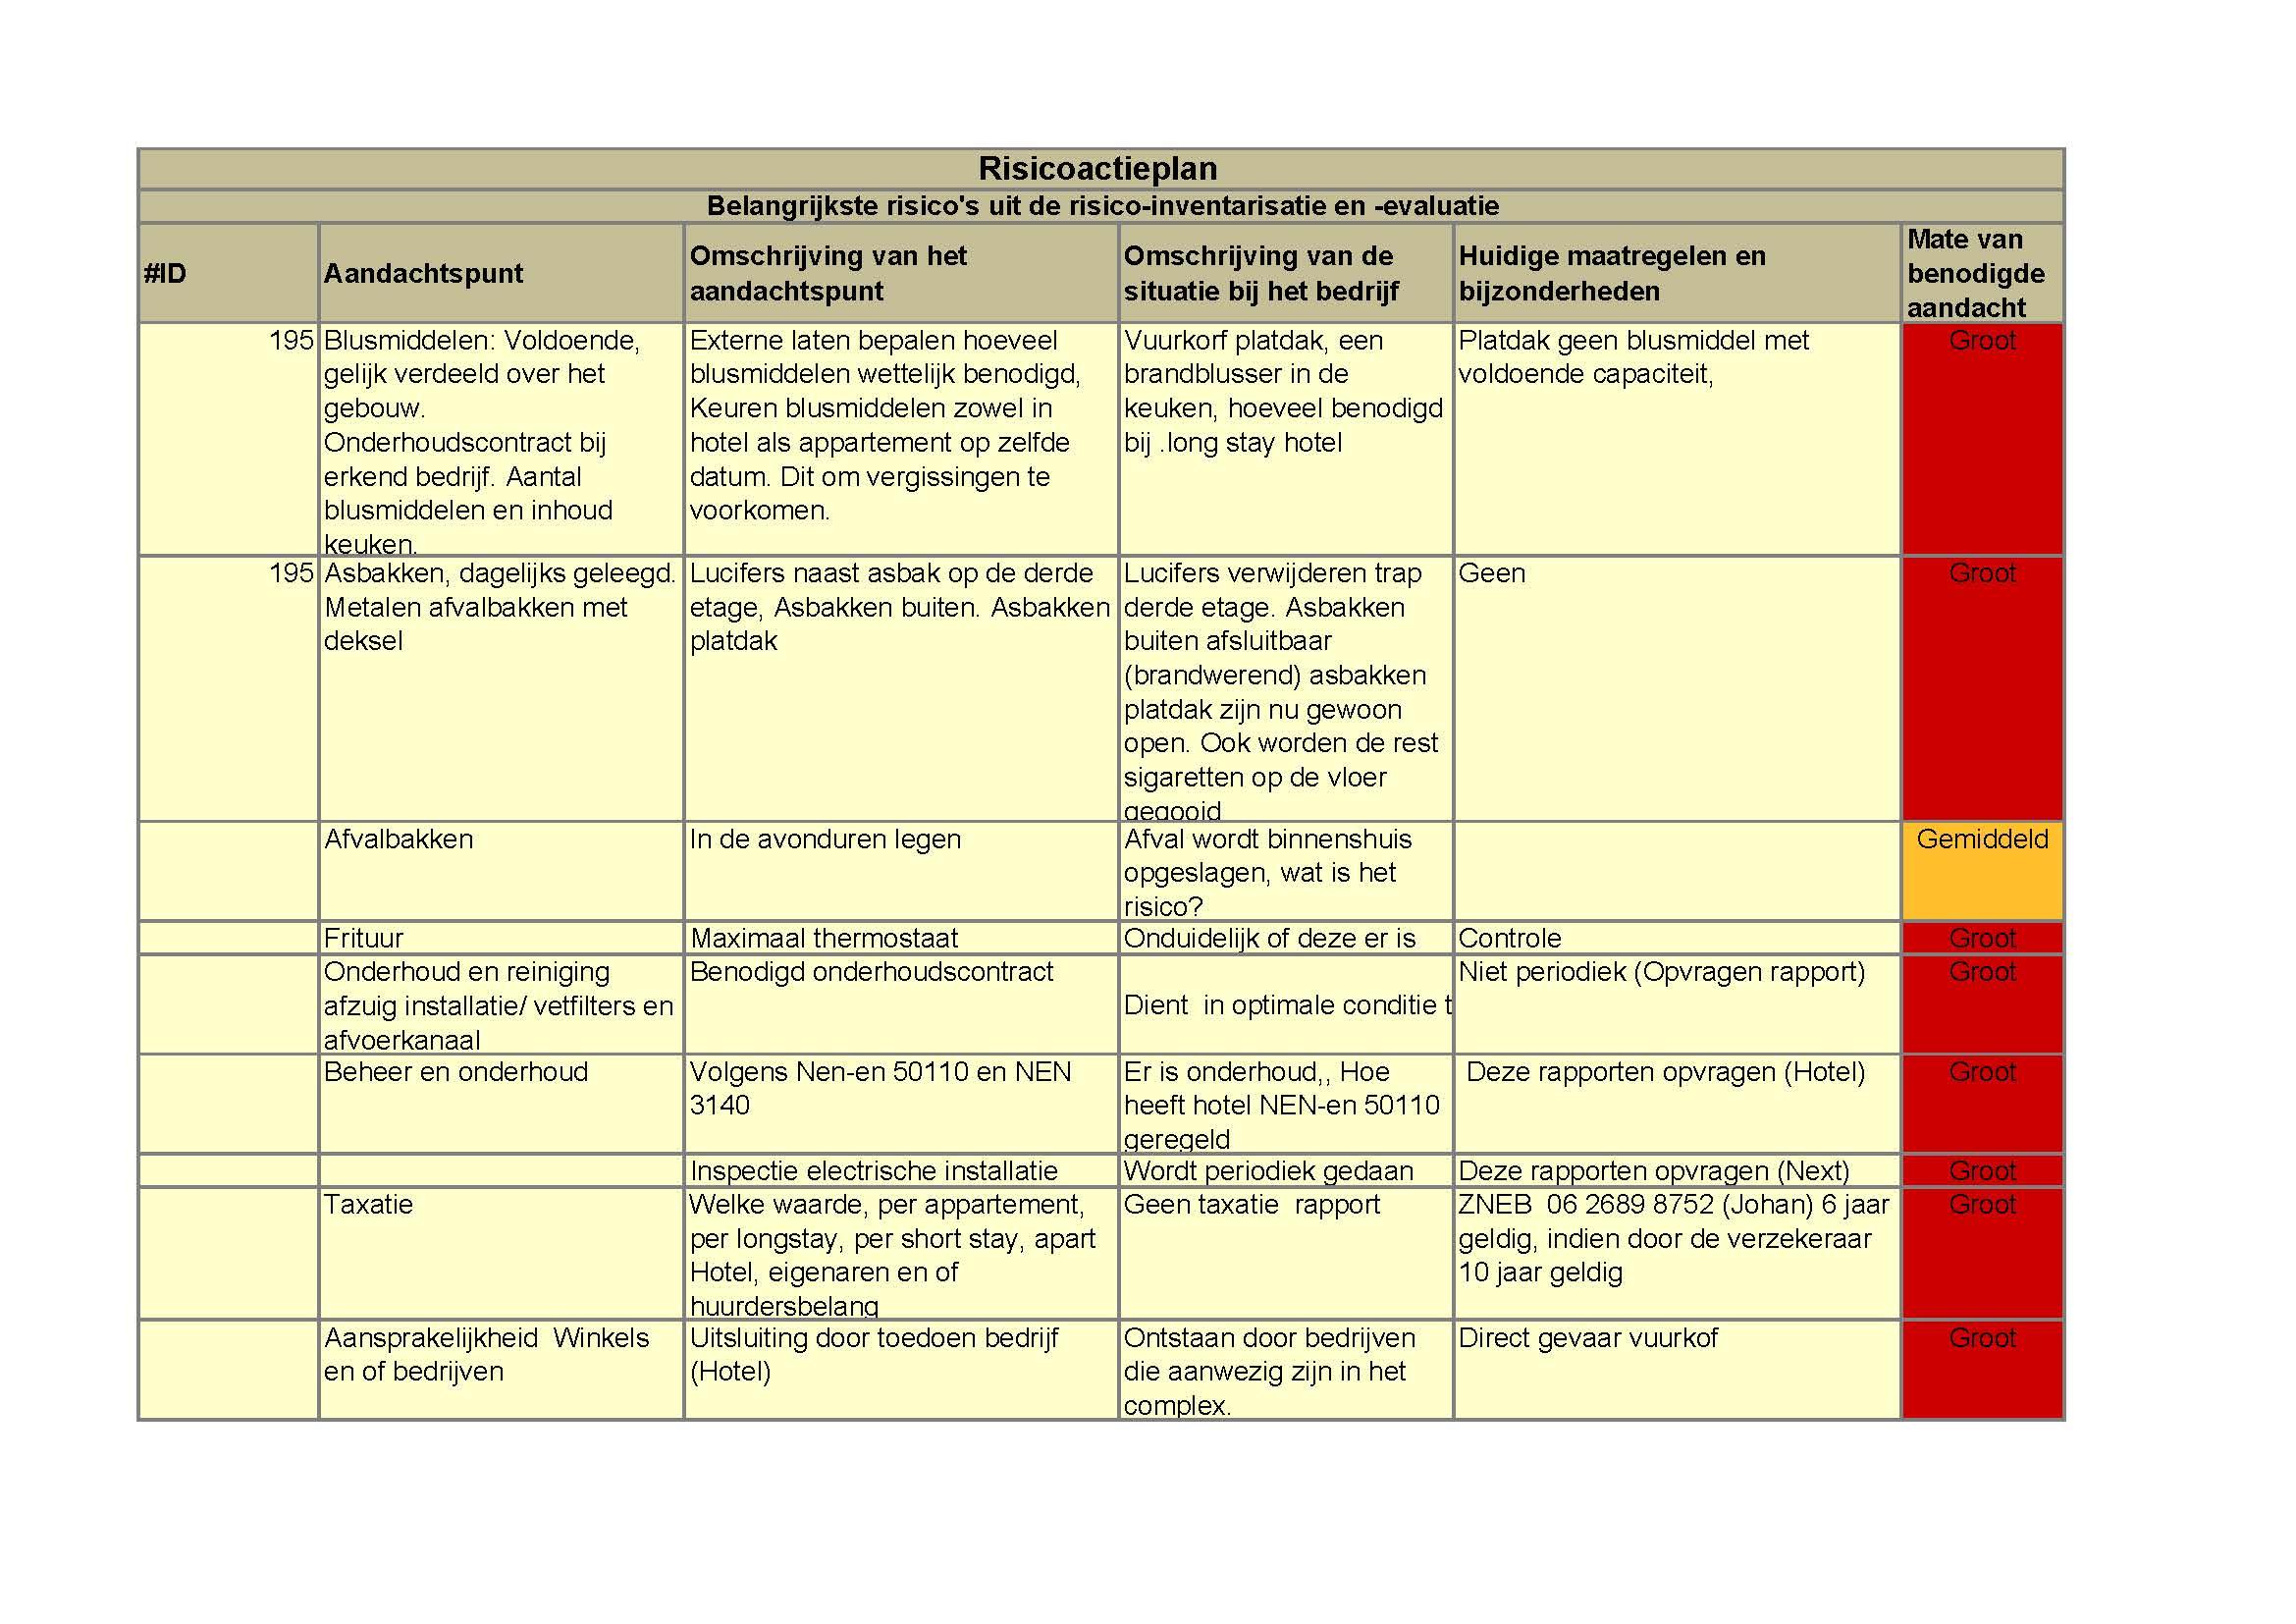 Risico-inventarisatie VvE/ Bedrijfspanden